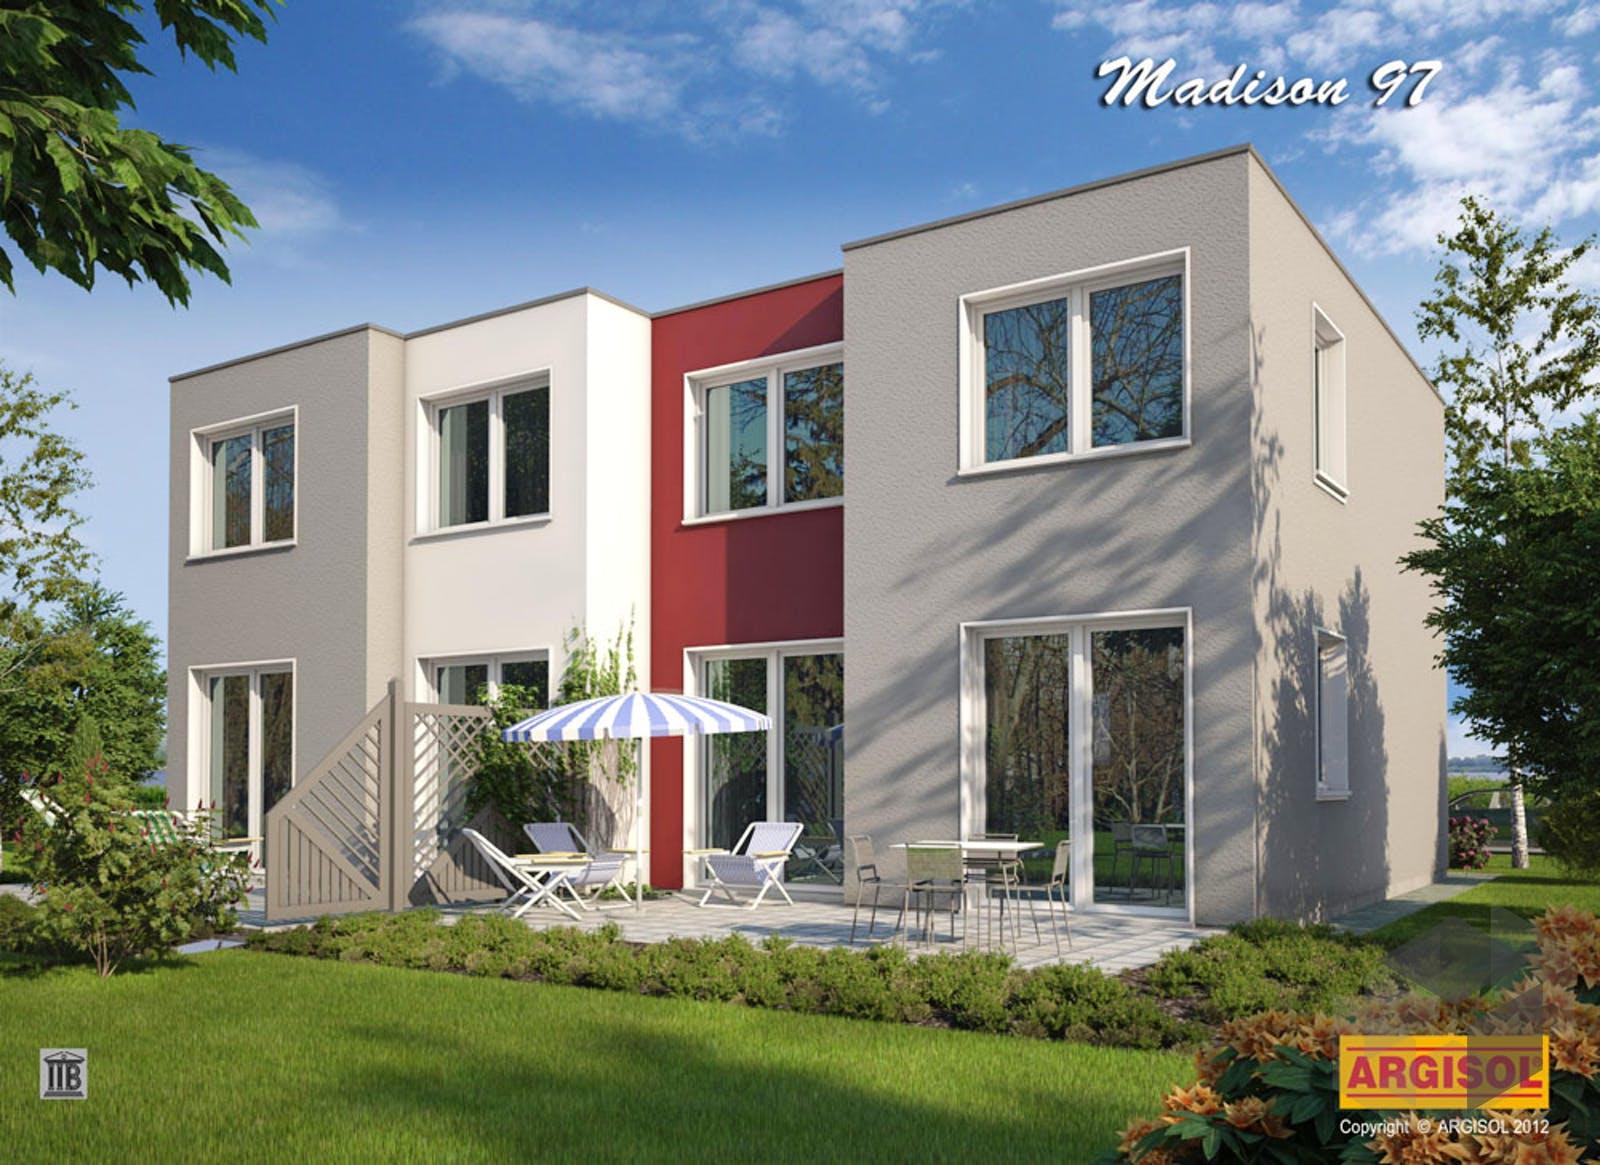 Reihenhaus fertighaus simple fertighaus bungalow s small for Mini bungalow fertighaus